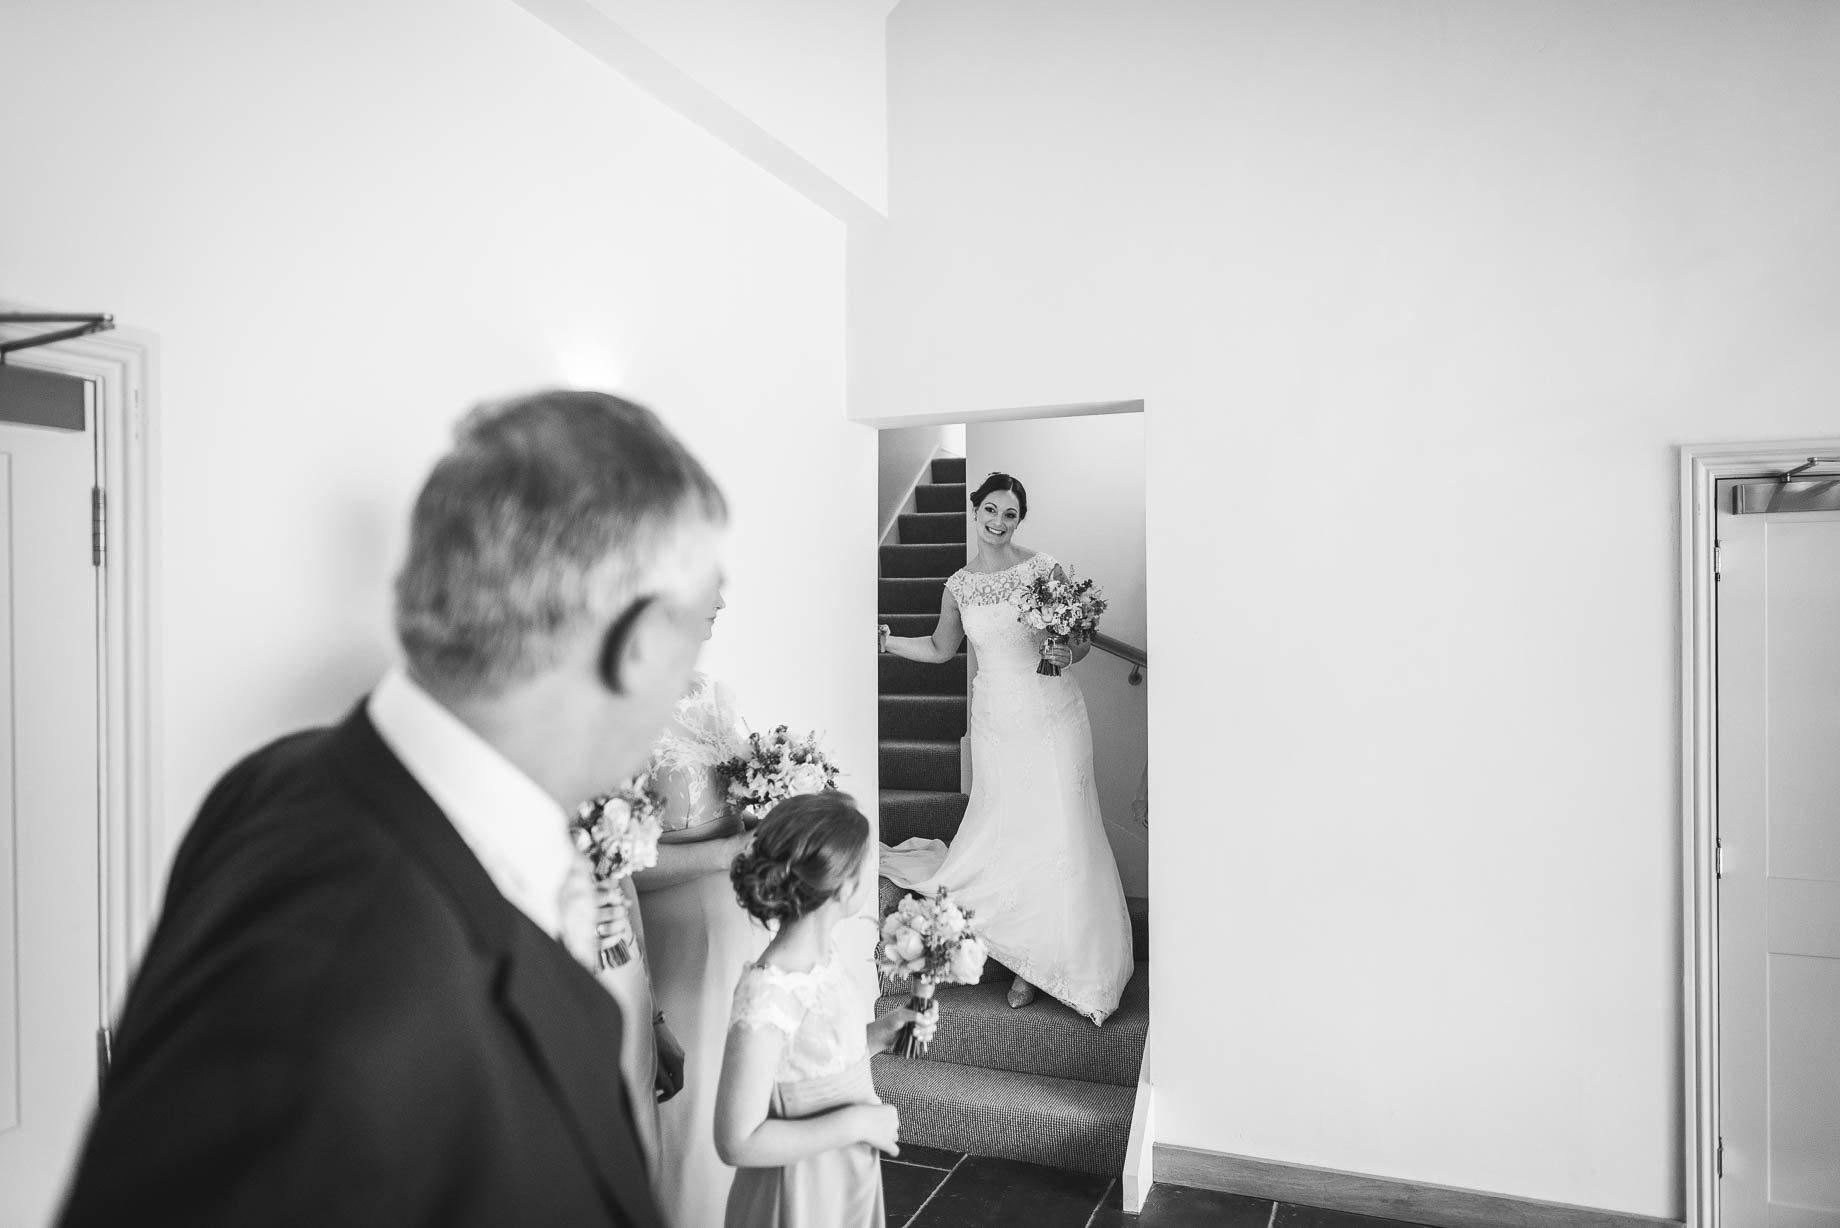 Millbridge Court Wedding Photography - Lisa and Daniel (54 of 173)